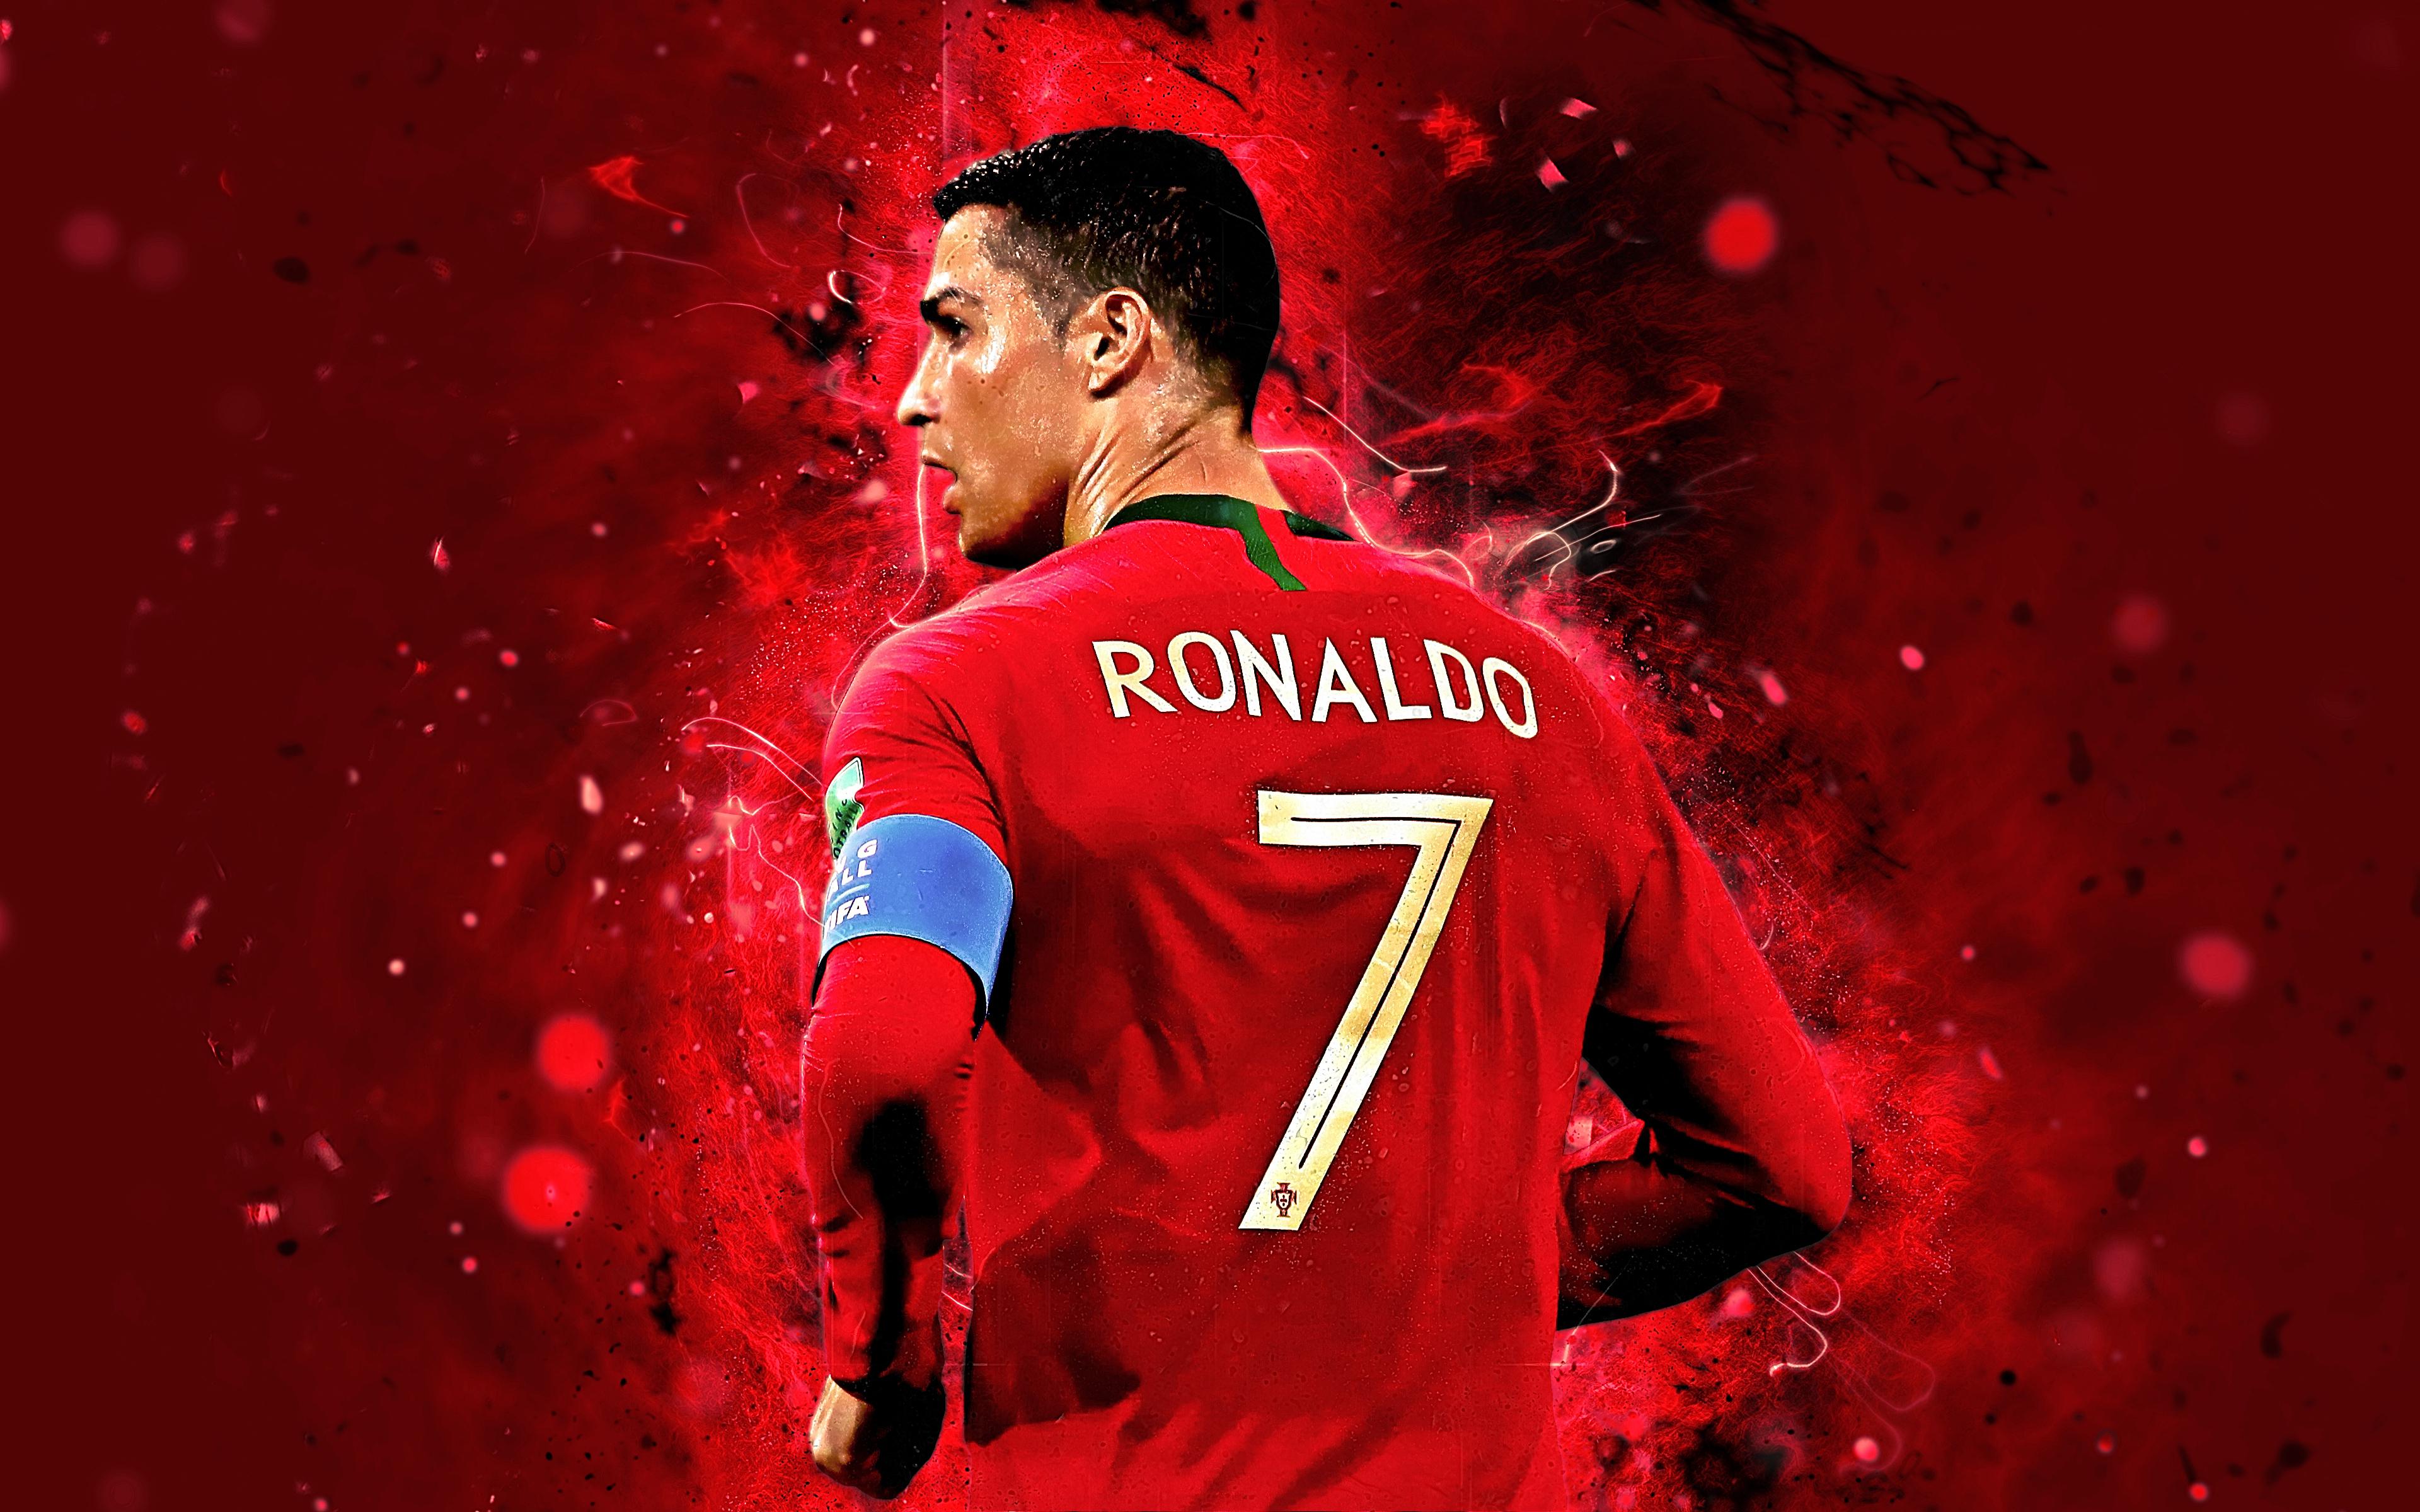 Cristiano ronaldo portugal 4k ultra hd wallpaper - C ronaldo wallpaper portugal ...